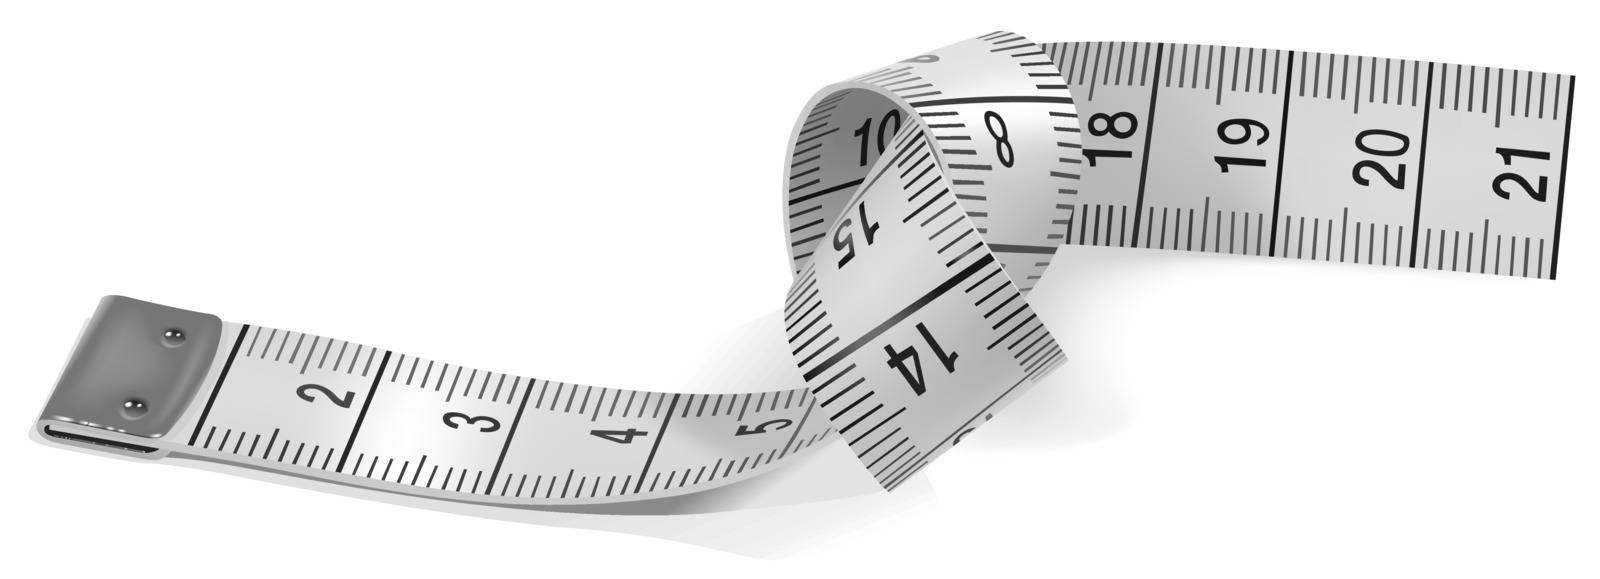 Measuring Tape by illustratorCZ